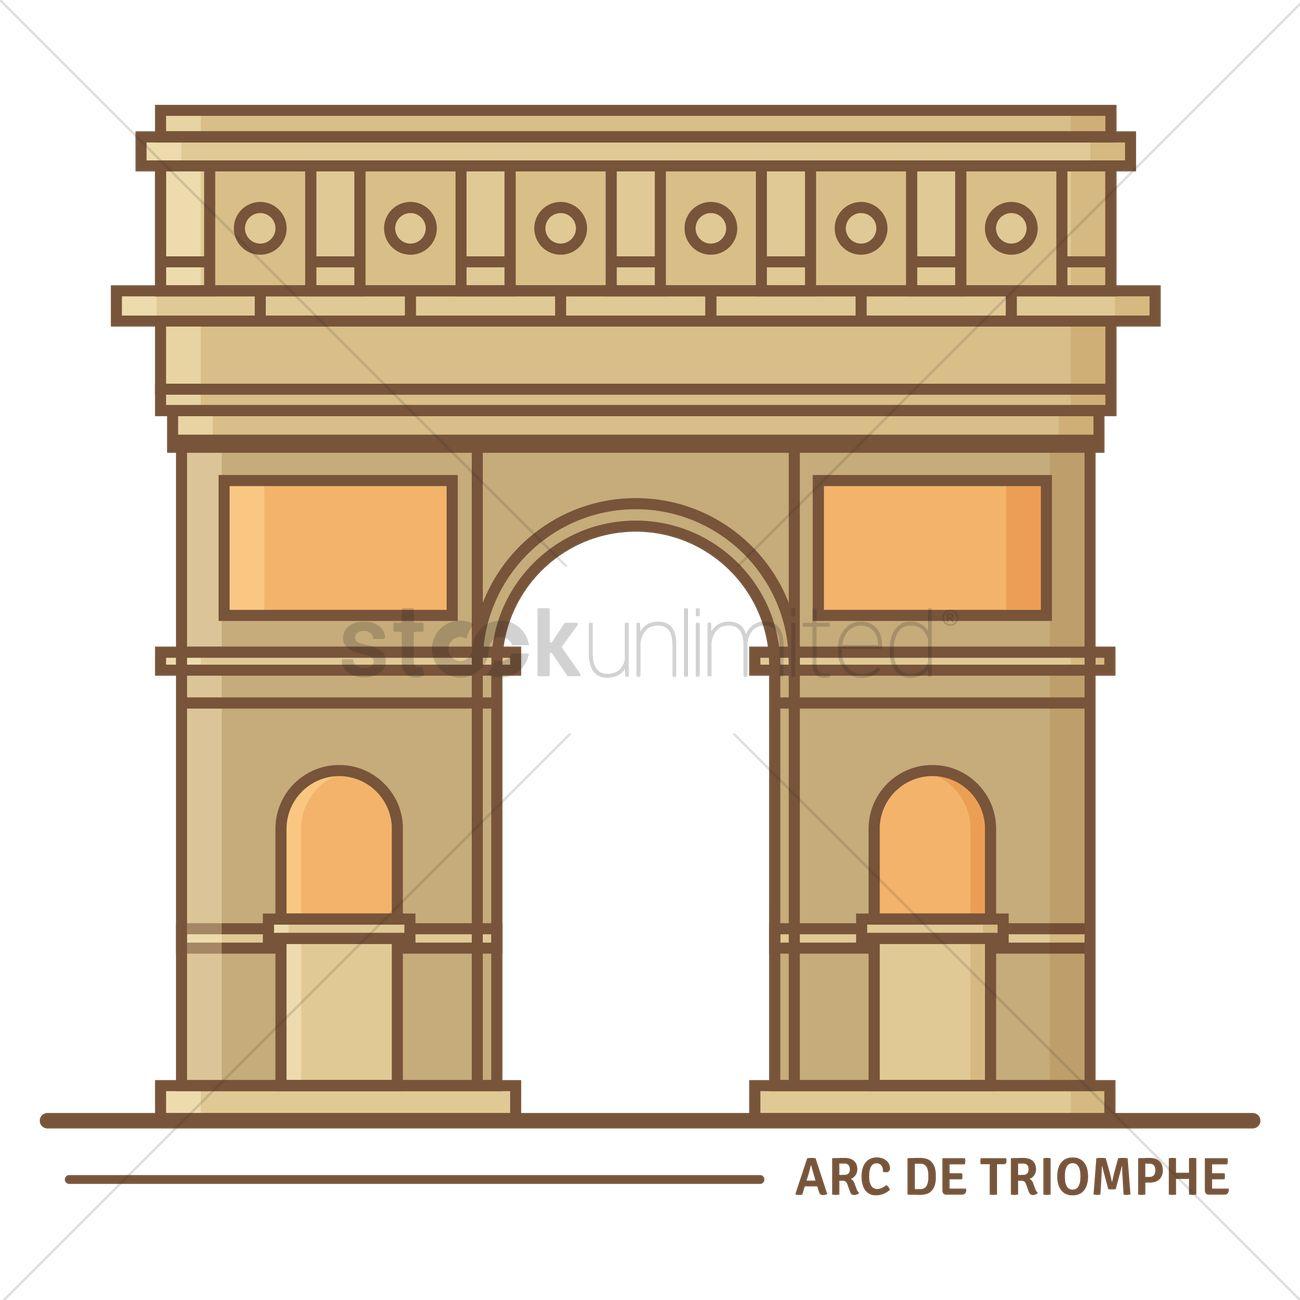 Arc de triomphe Vector Image.